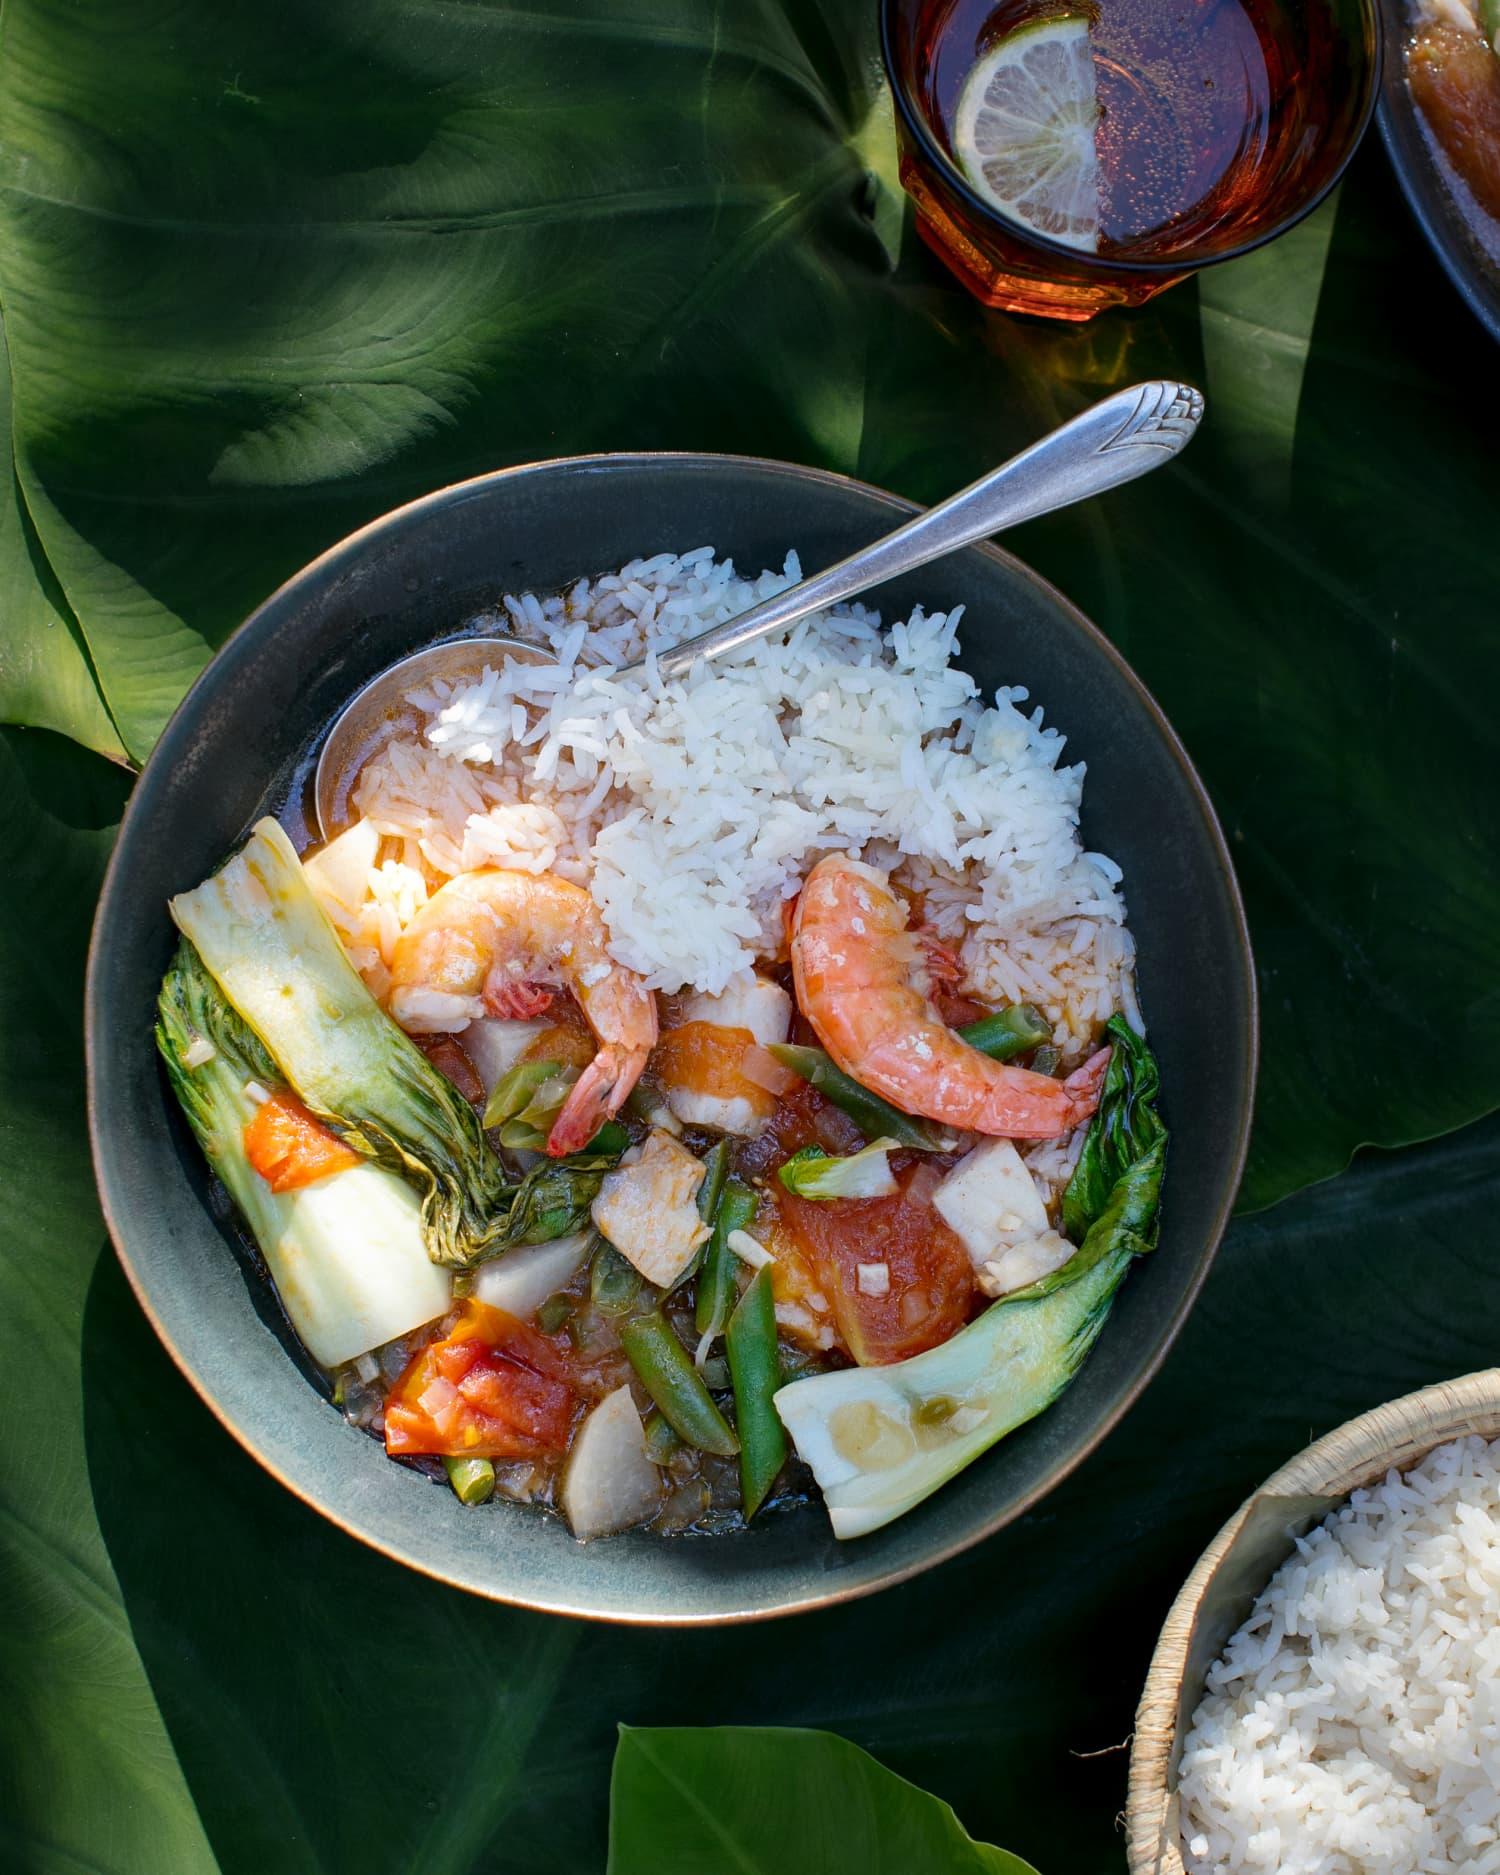 The Tangy Tamarind Stew That Satisfies My Filipinx Food Cravings